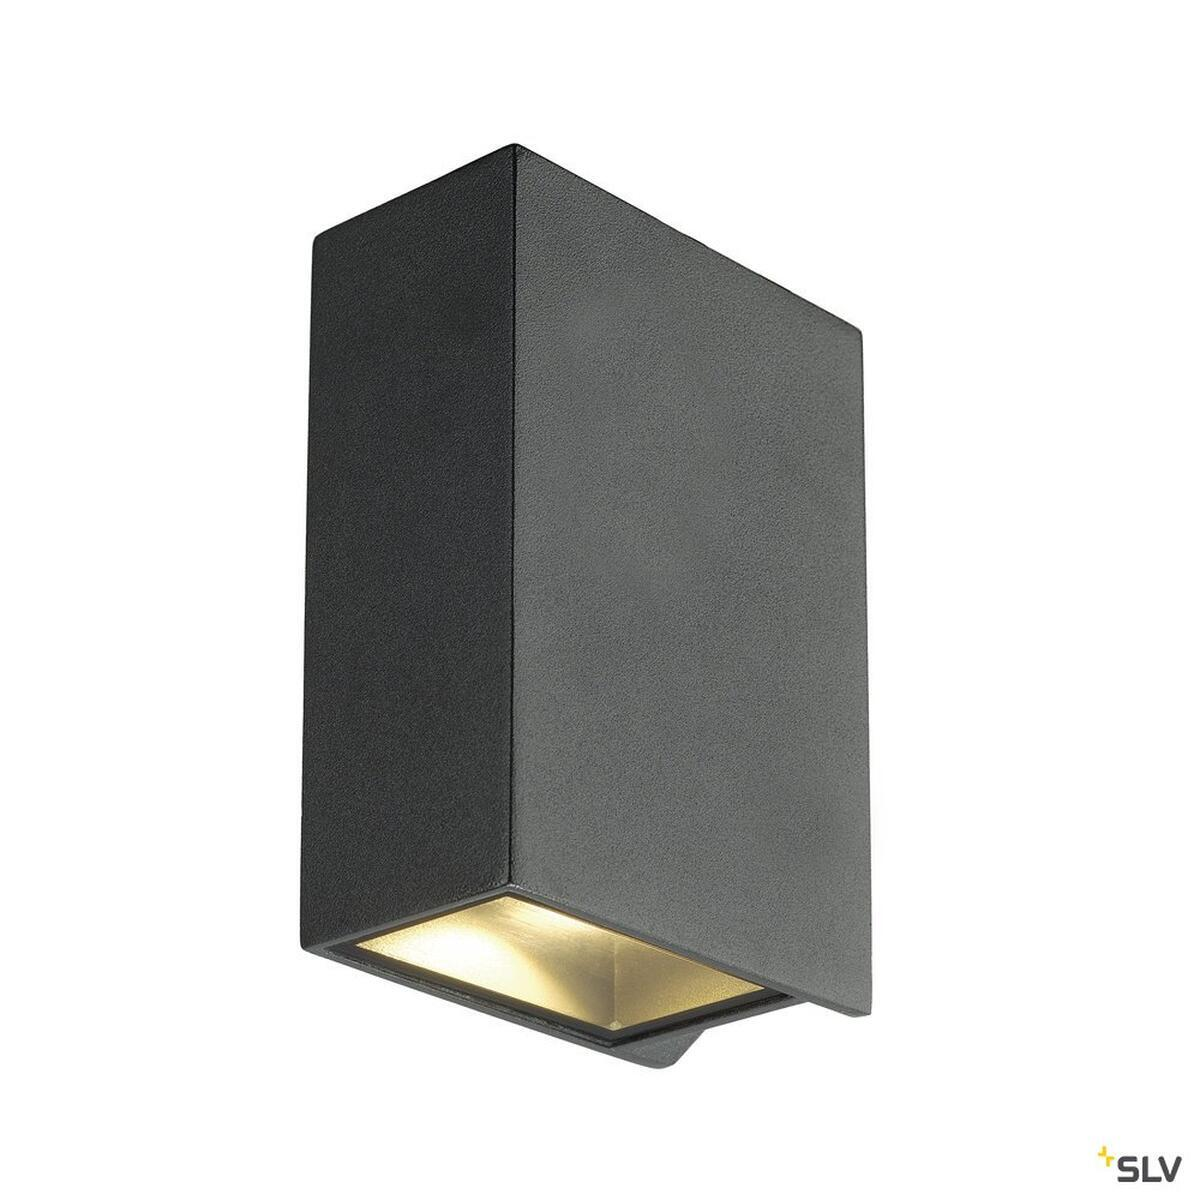 quad 2 xl wandleuchte eckig anthrazit led 2x3 2w 3000k up down slv 232445 79. Black Bedroom Furniture Sets. Home Design Ideas